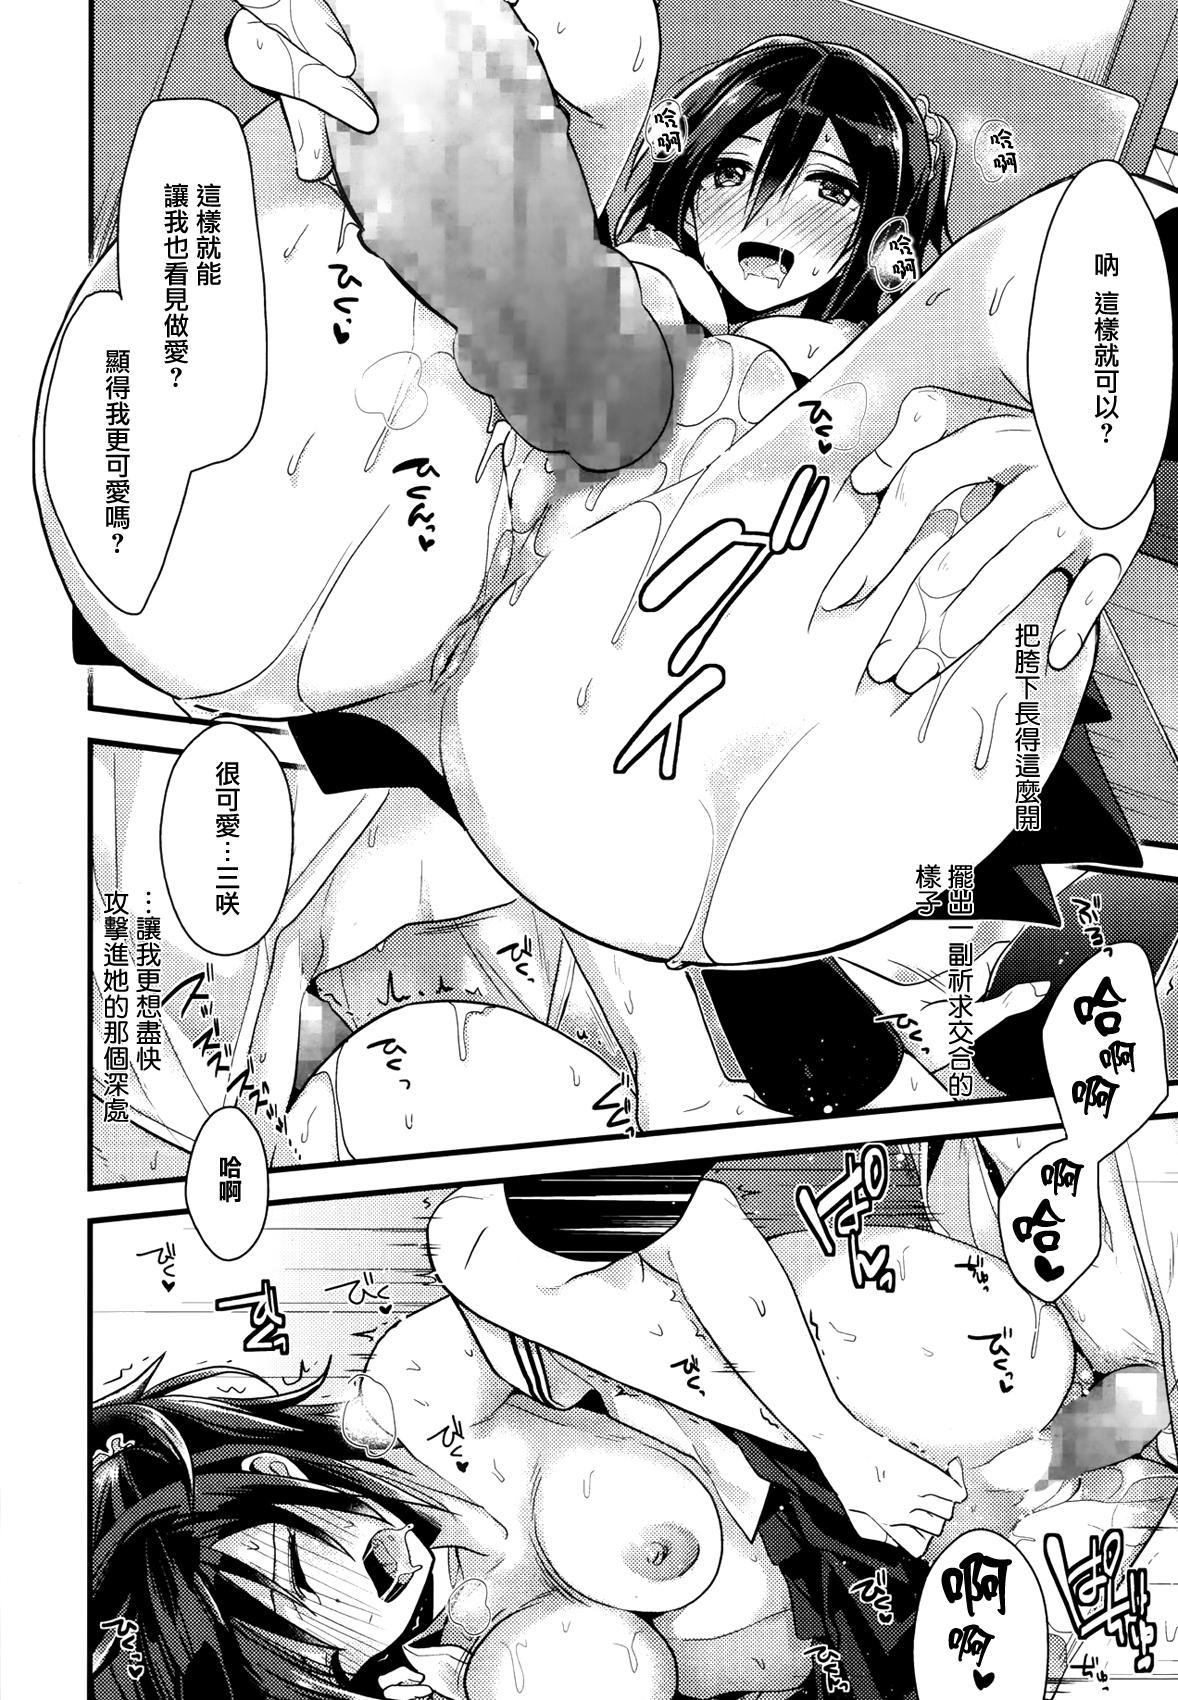 Idol no Katachi 13